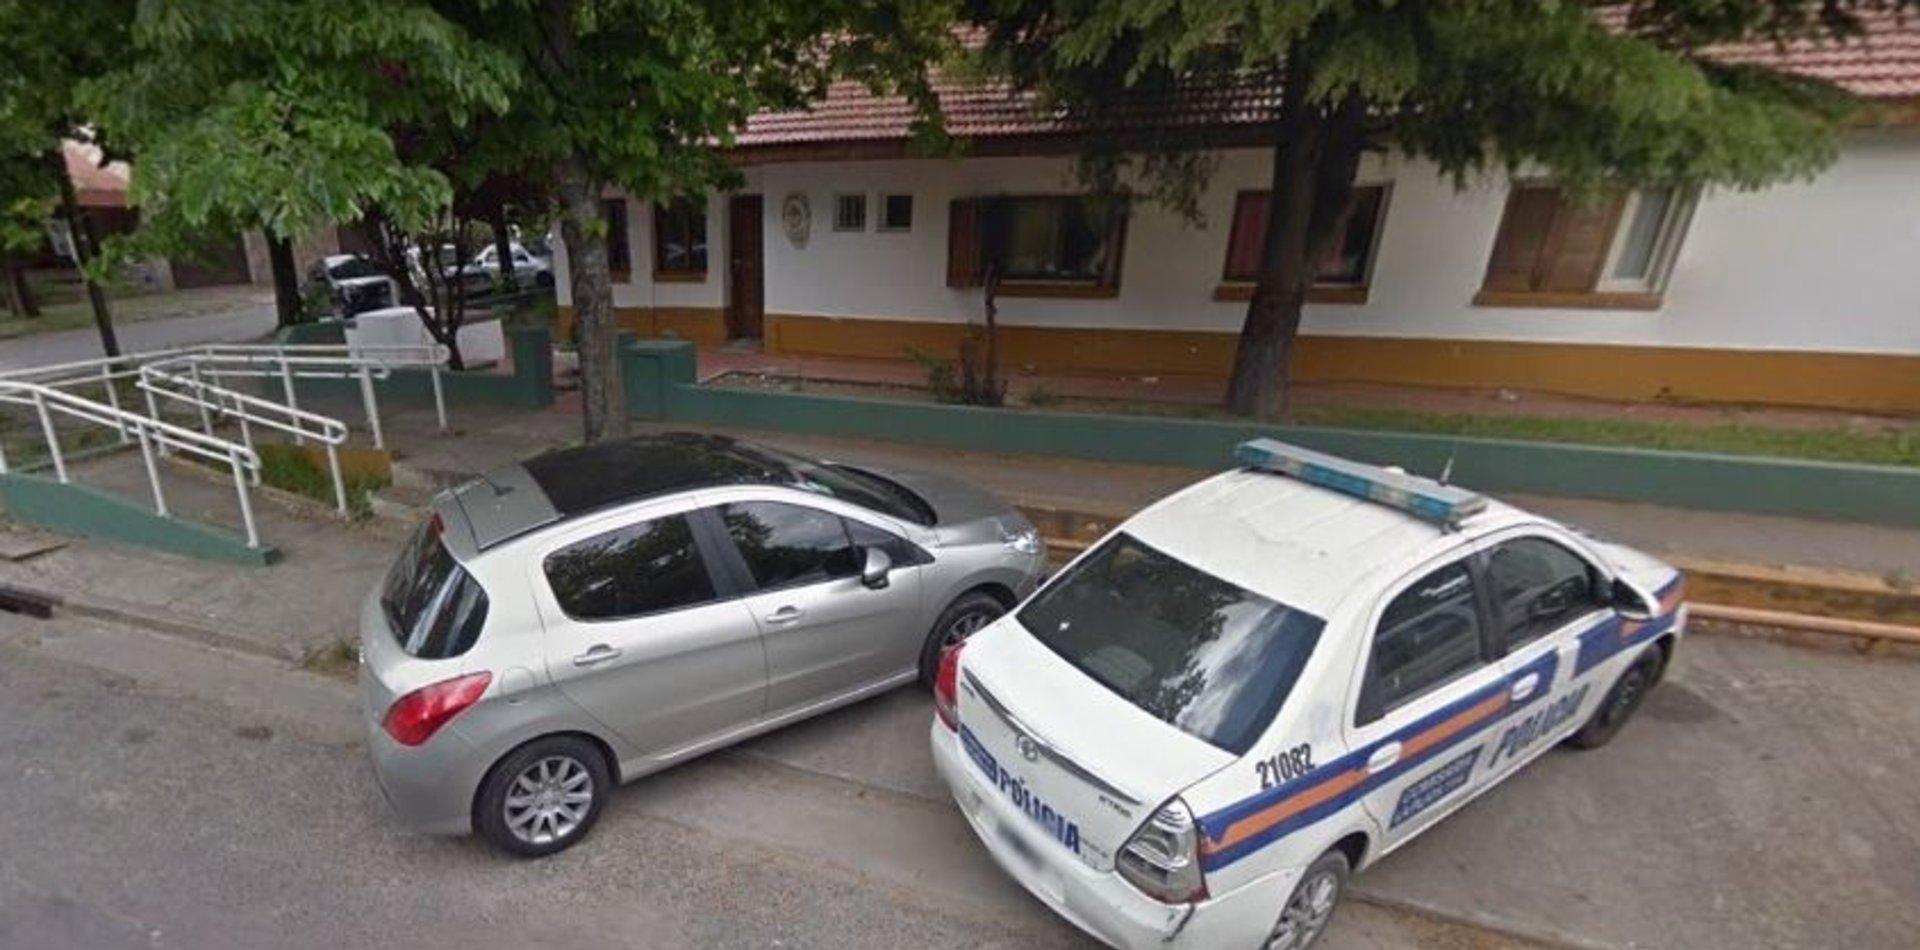 COVID-19: una agente dio positivo y aíslan a seis policías en una comisaría de La Plata